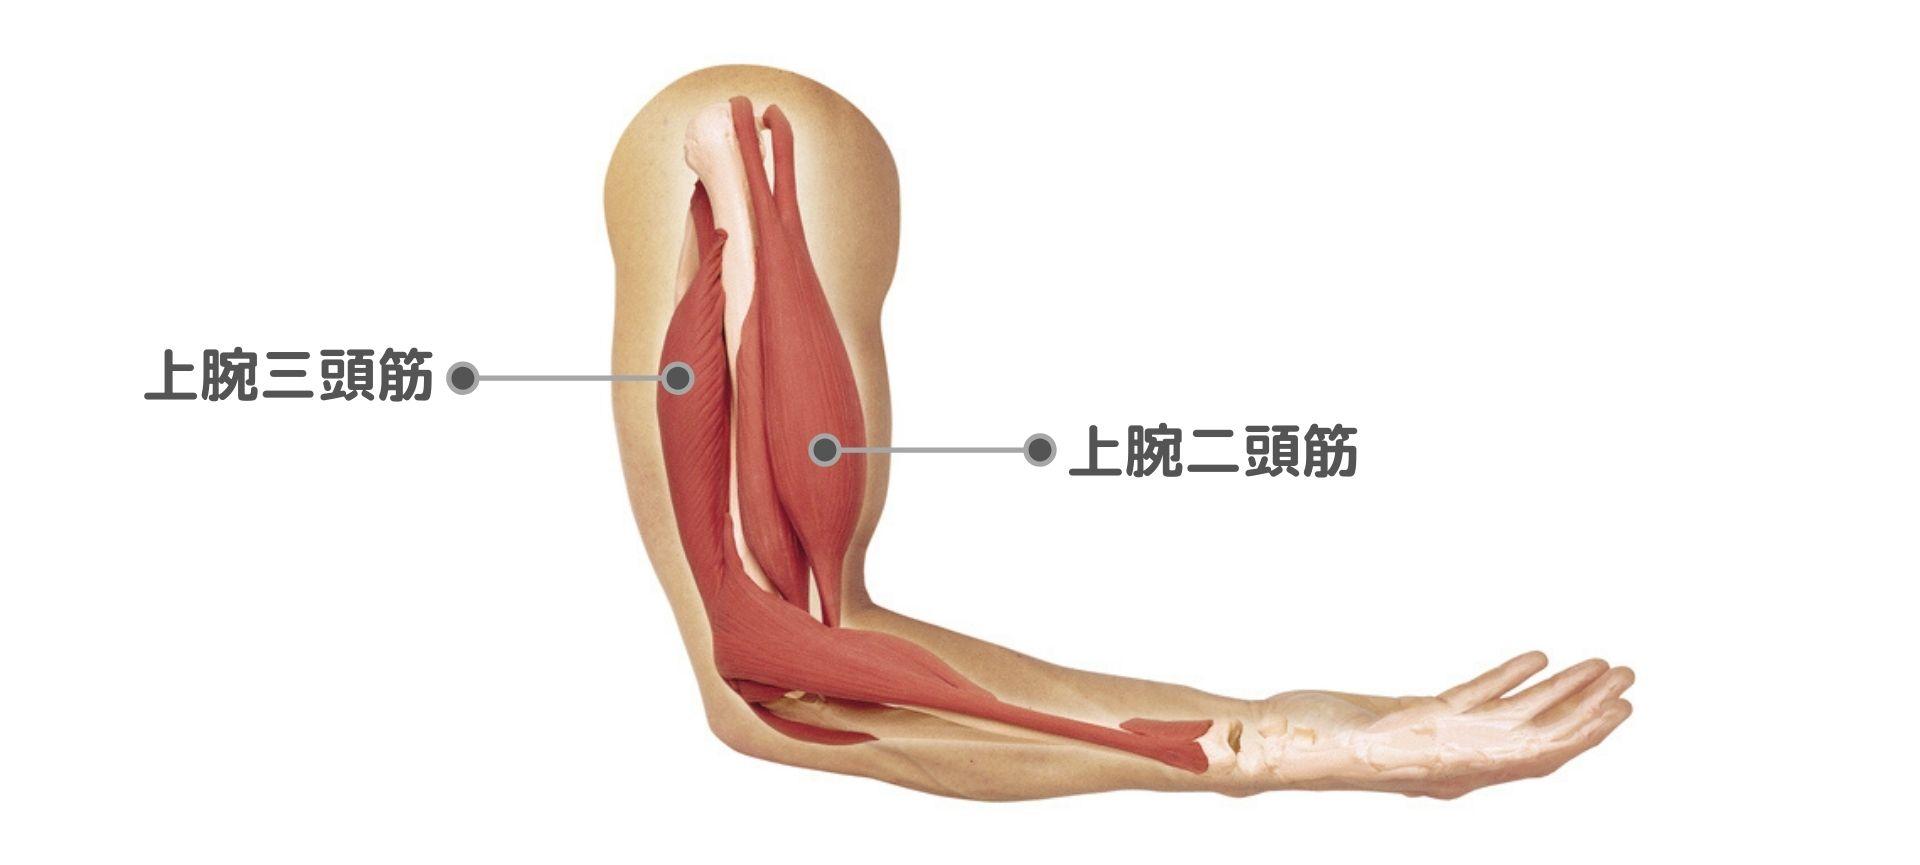 上腕 三 頭 筋 上腕三頭筋の作用と役割(起始停止・神経支配・筋トレメニューなどを...